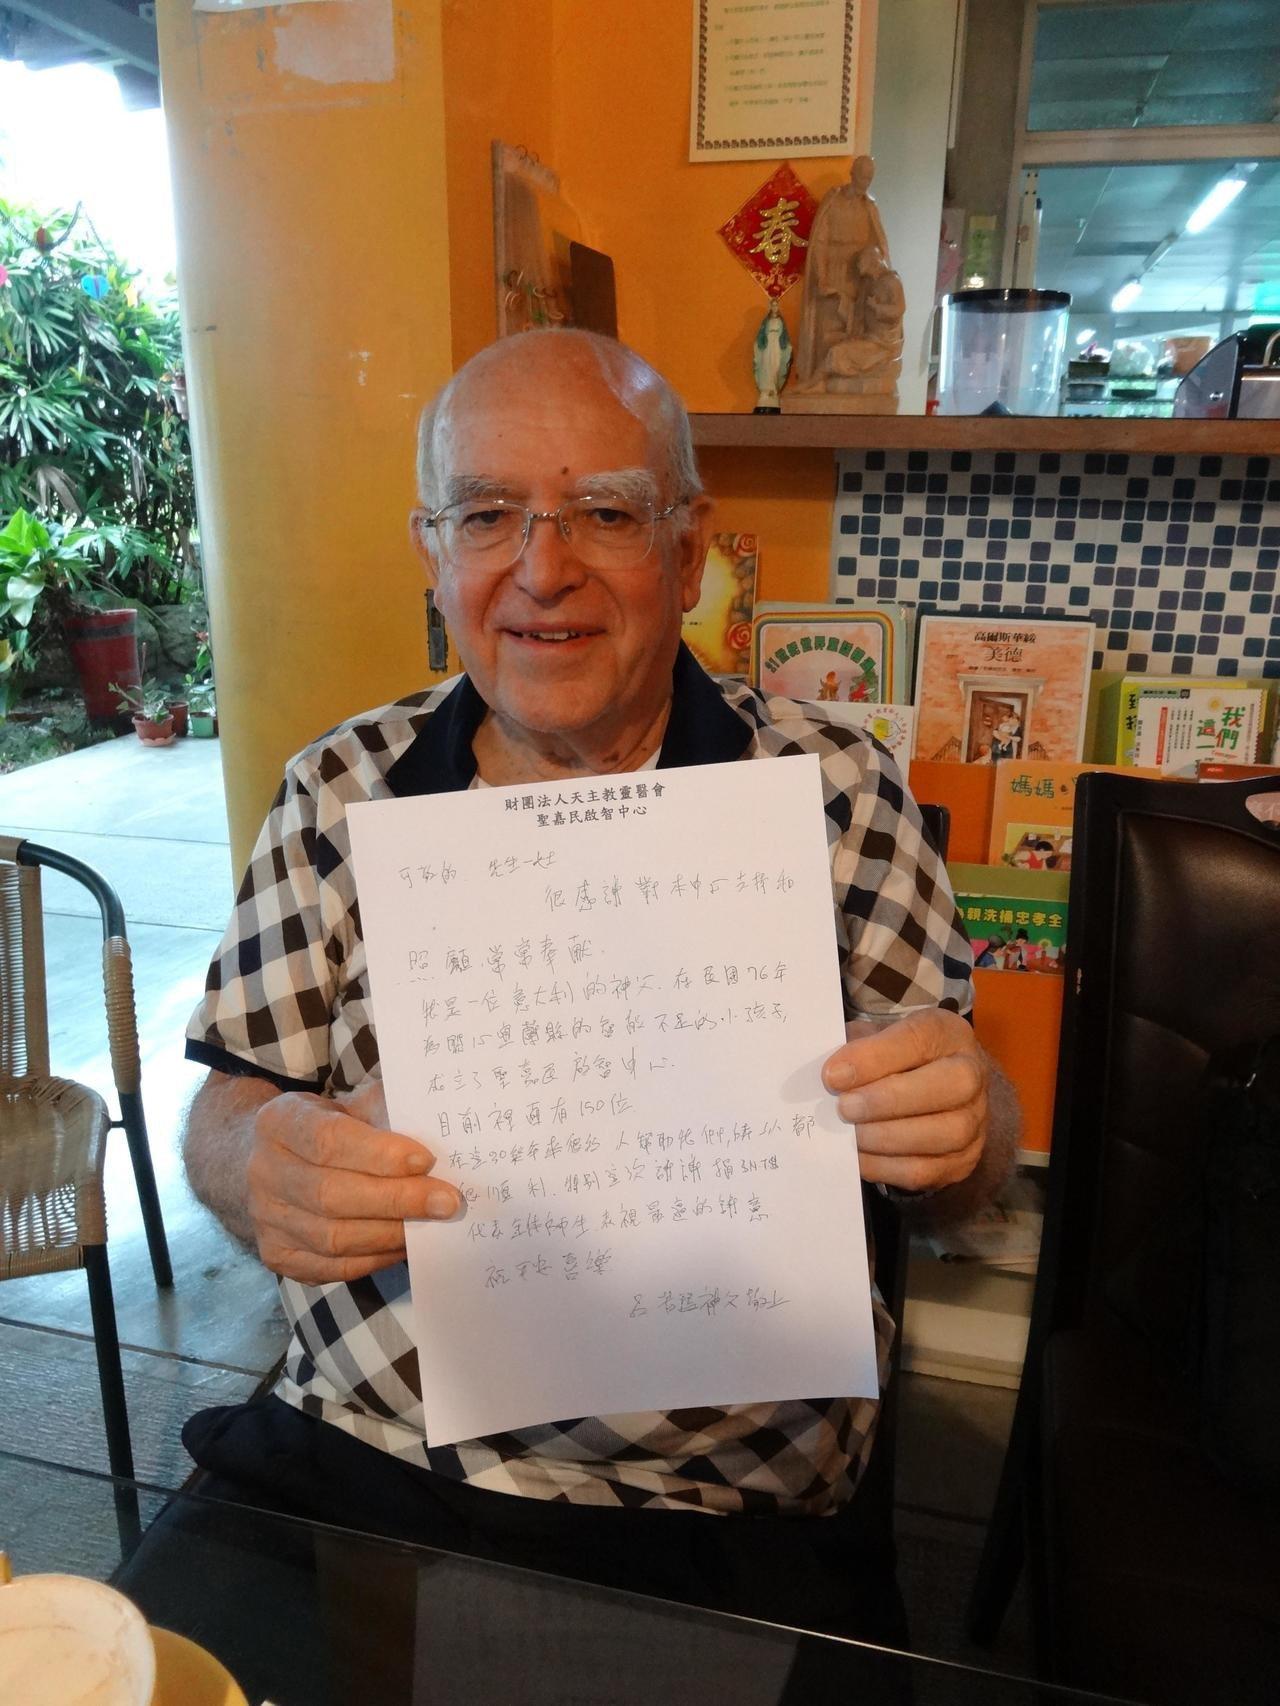 呂若瑟神父手寫感謝函,向各界善心表達謝意。記者林政忠/攝影